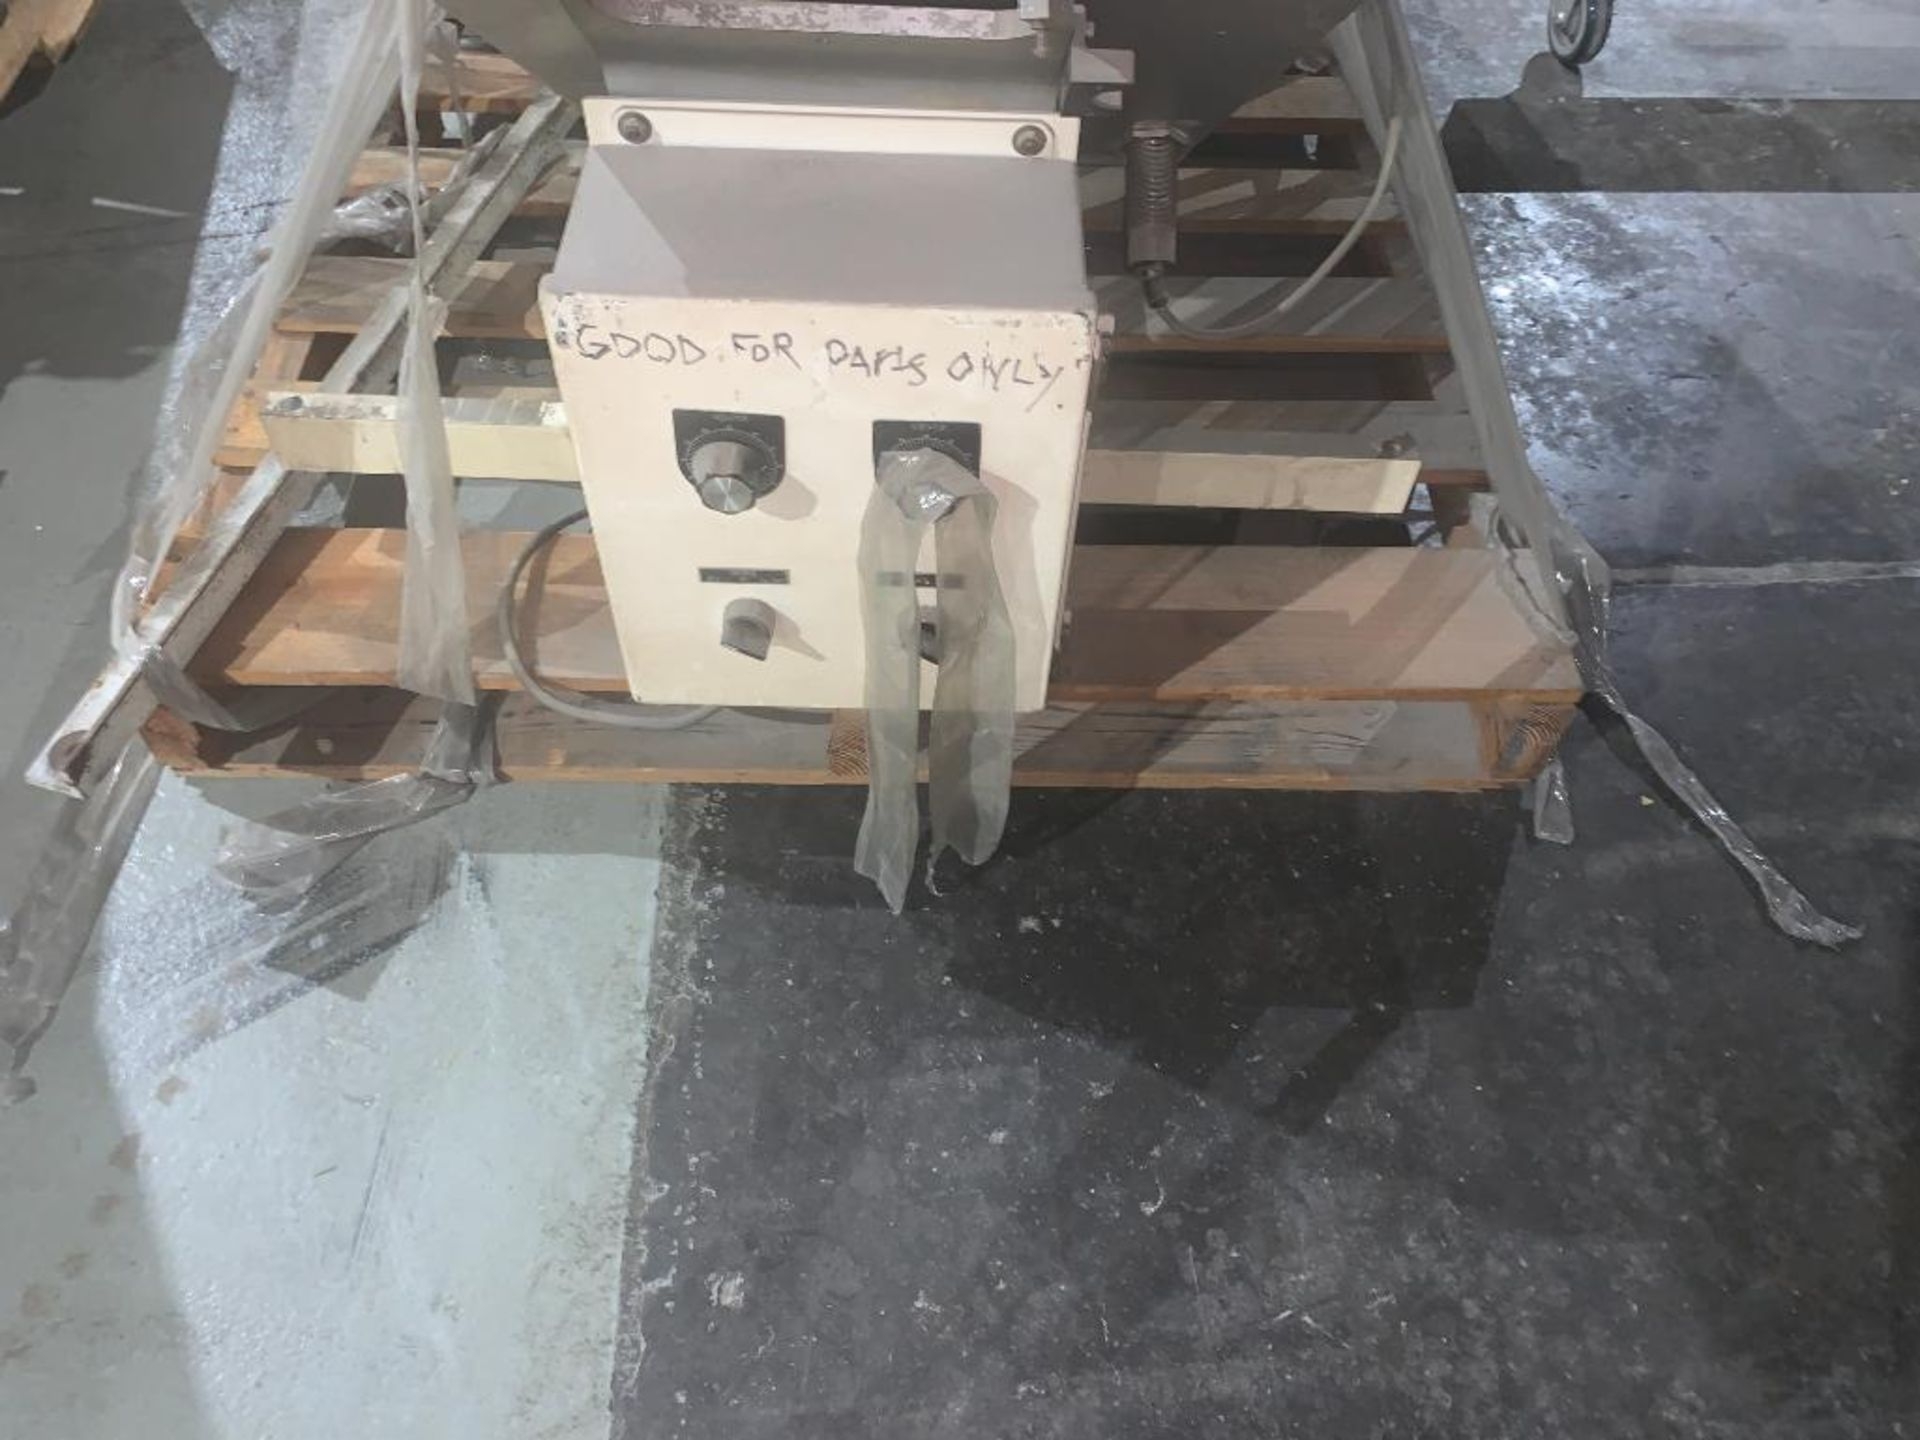 vibratory conveyor - Image 5 of 5